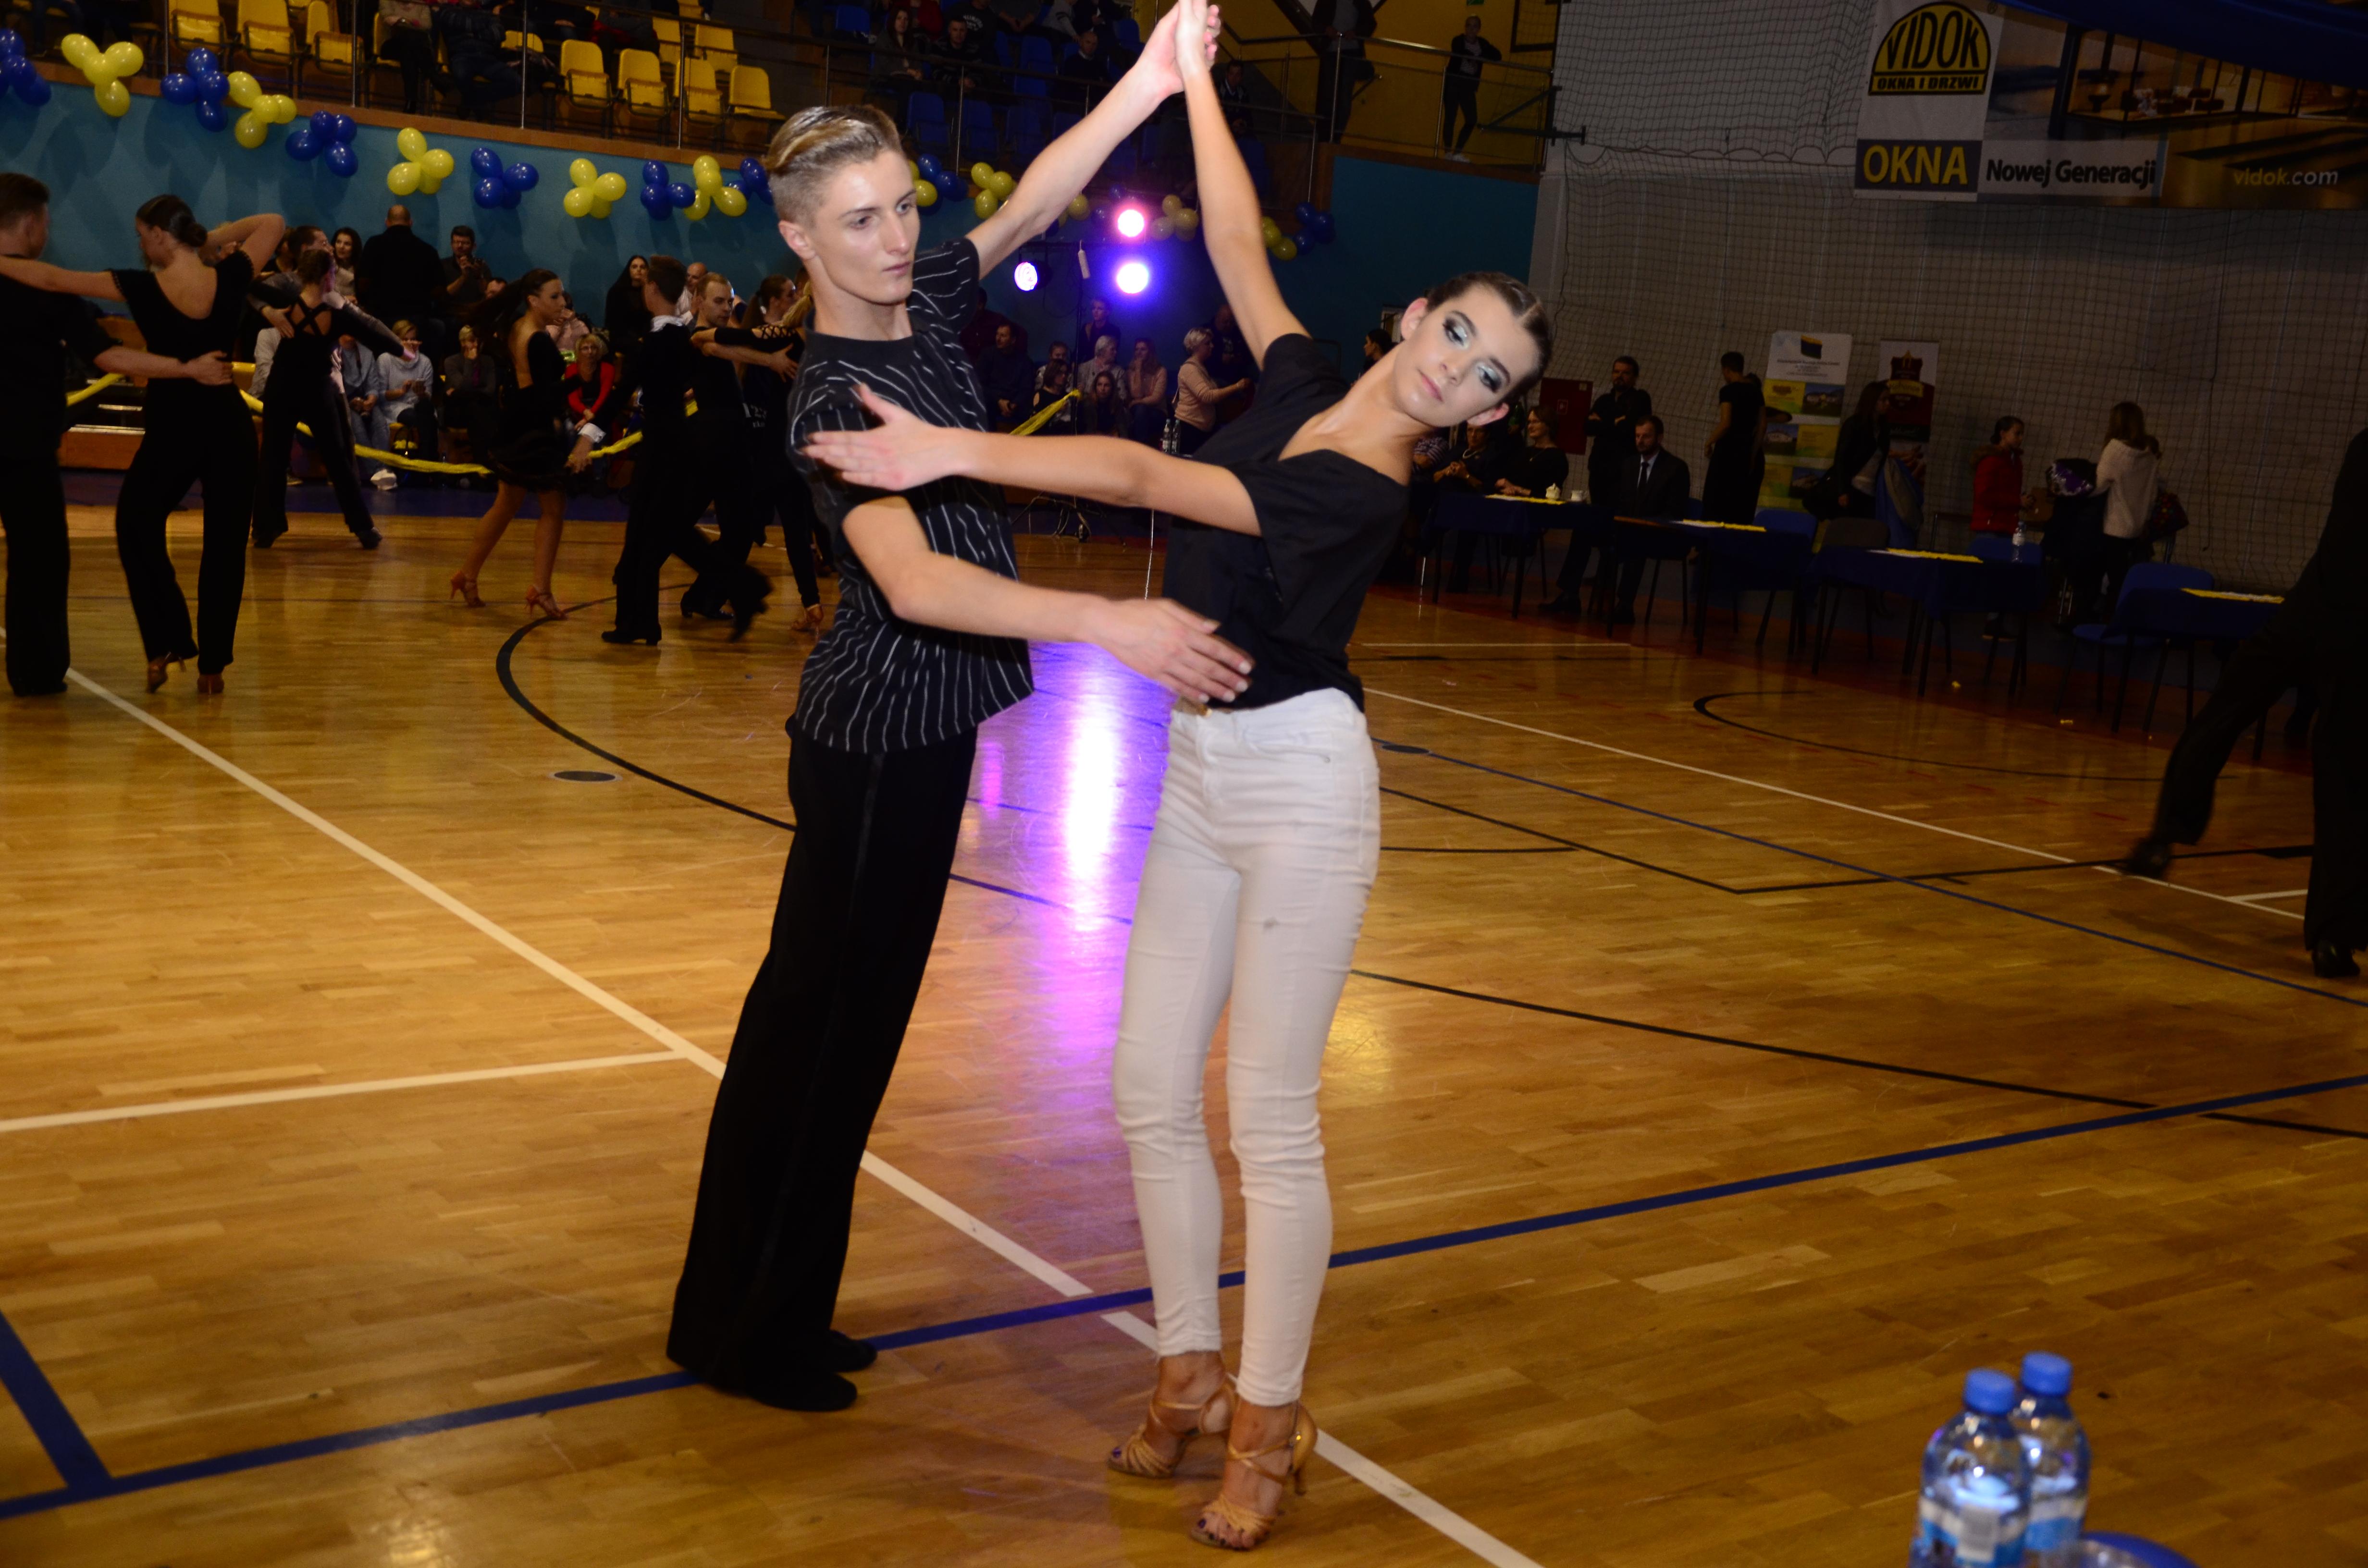 Ogólnopolski turniej tańca w Cmolasie. Tancerze w akcji [WIDEO]  - Zdjęcie główne